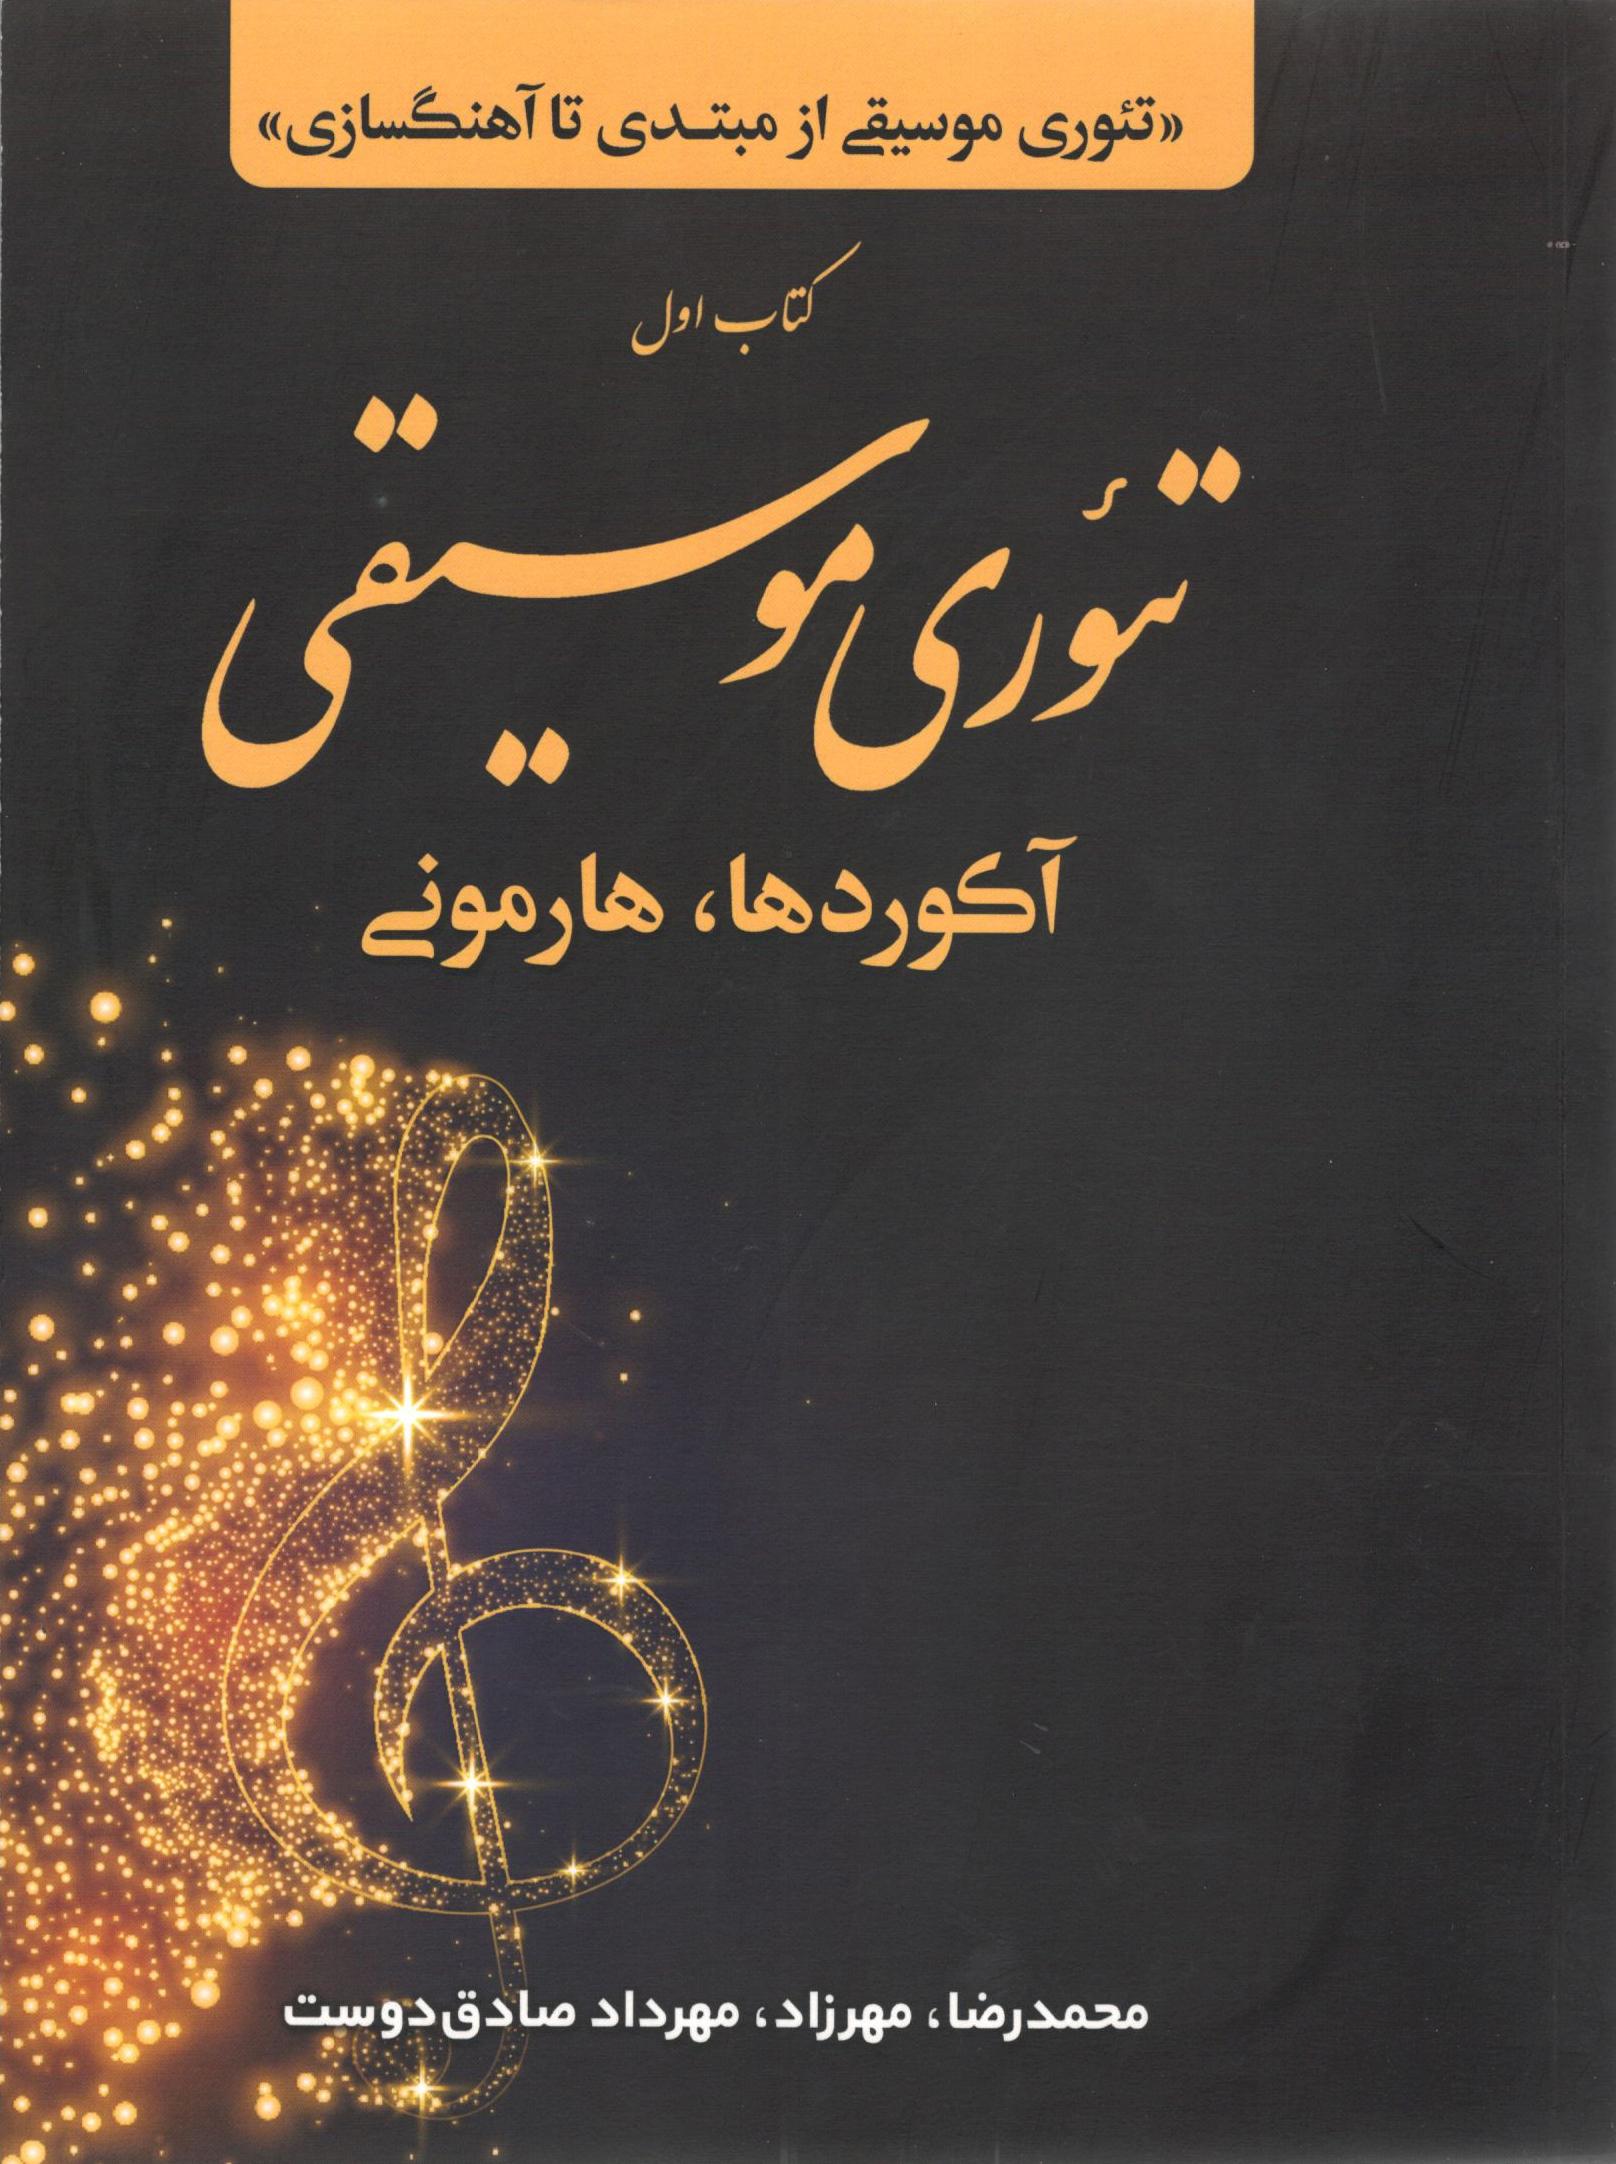 تئوری موسیقی آکوردها و هارمونی ها محمدرضا،مهرزاد،مهرداد صادق دوست